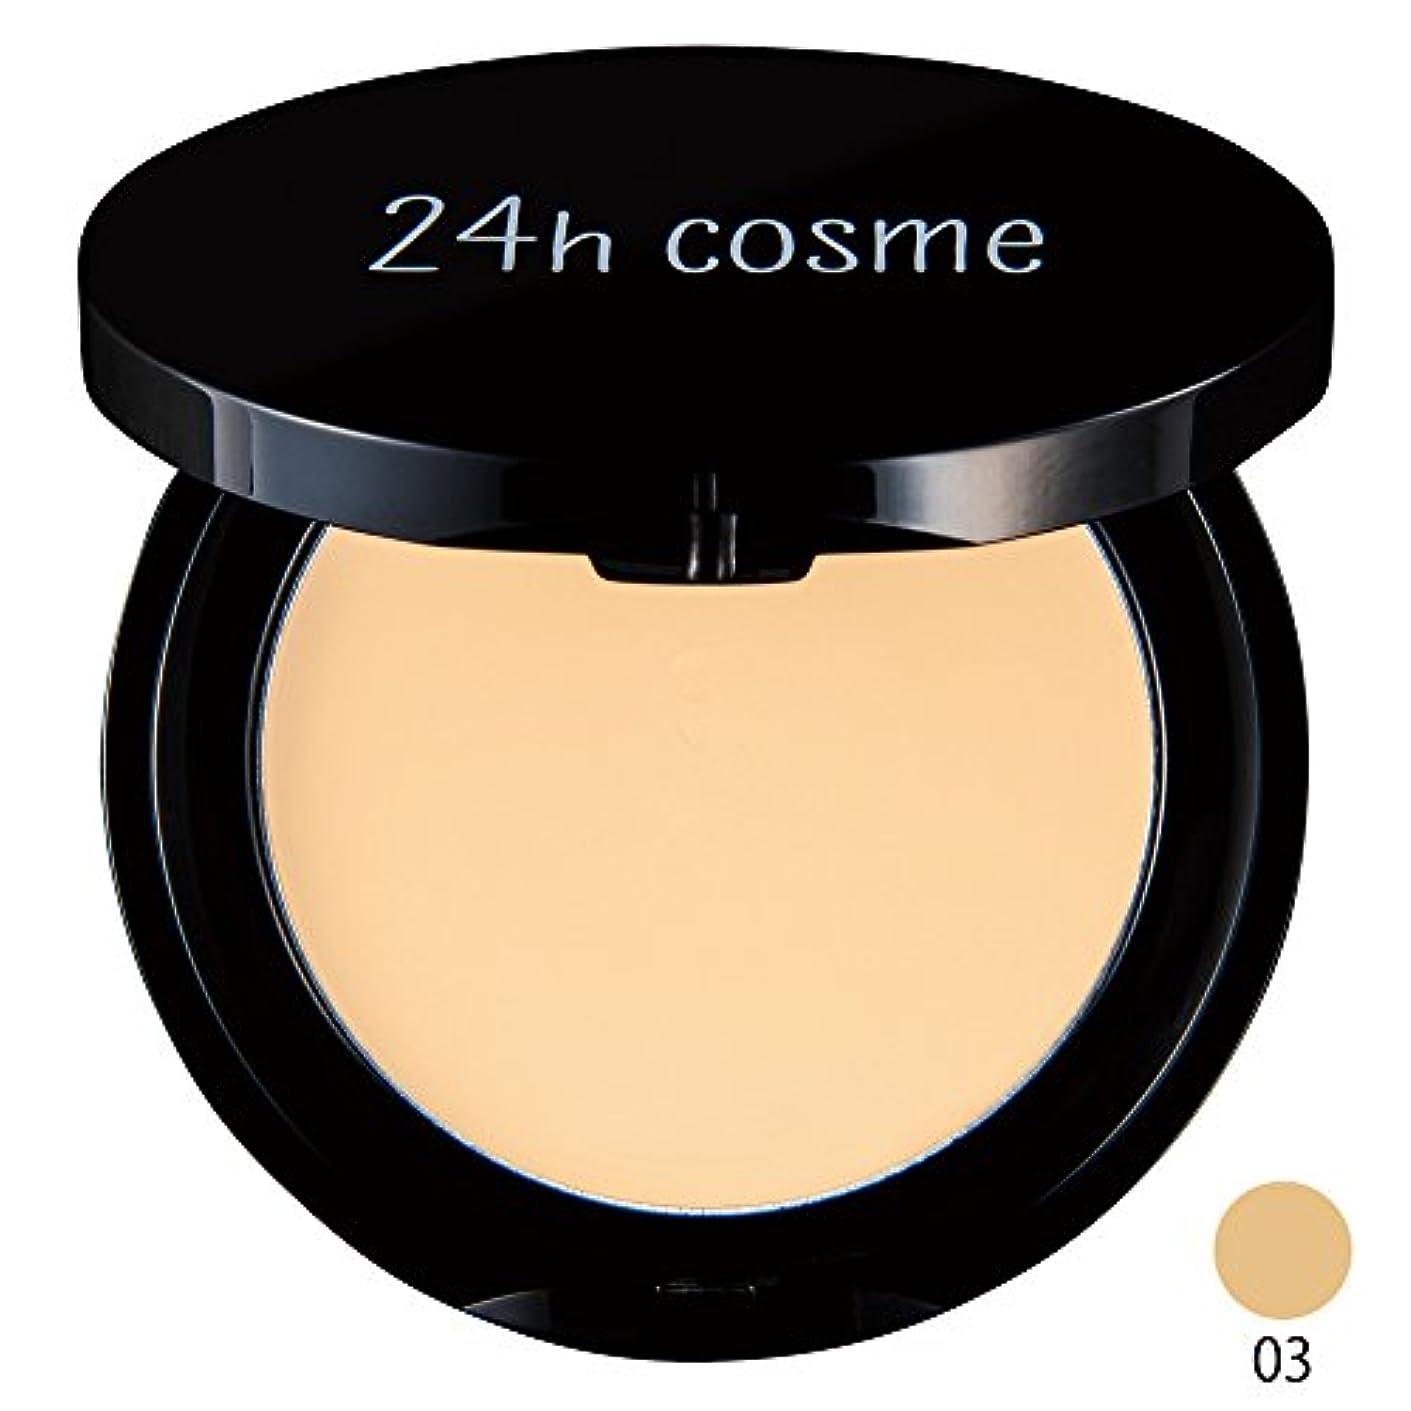 保全八適用済み24h cosme 24 ミネラルクリームファンデ 03ナチュラル SPF50+/PA++++